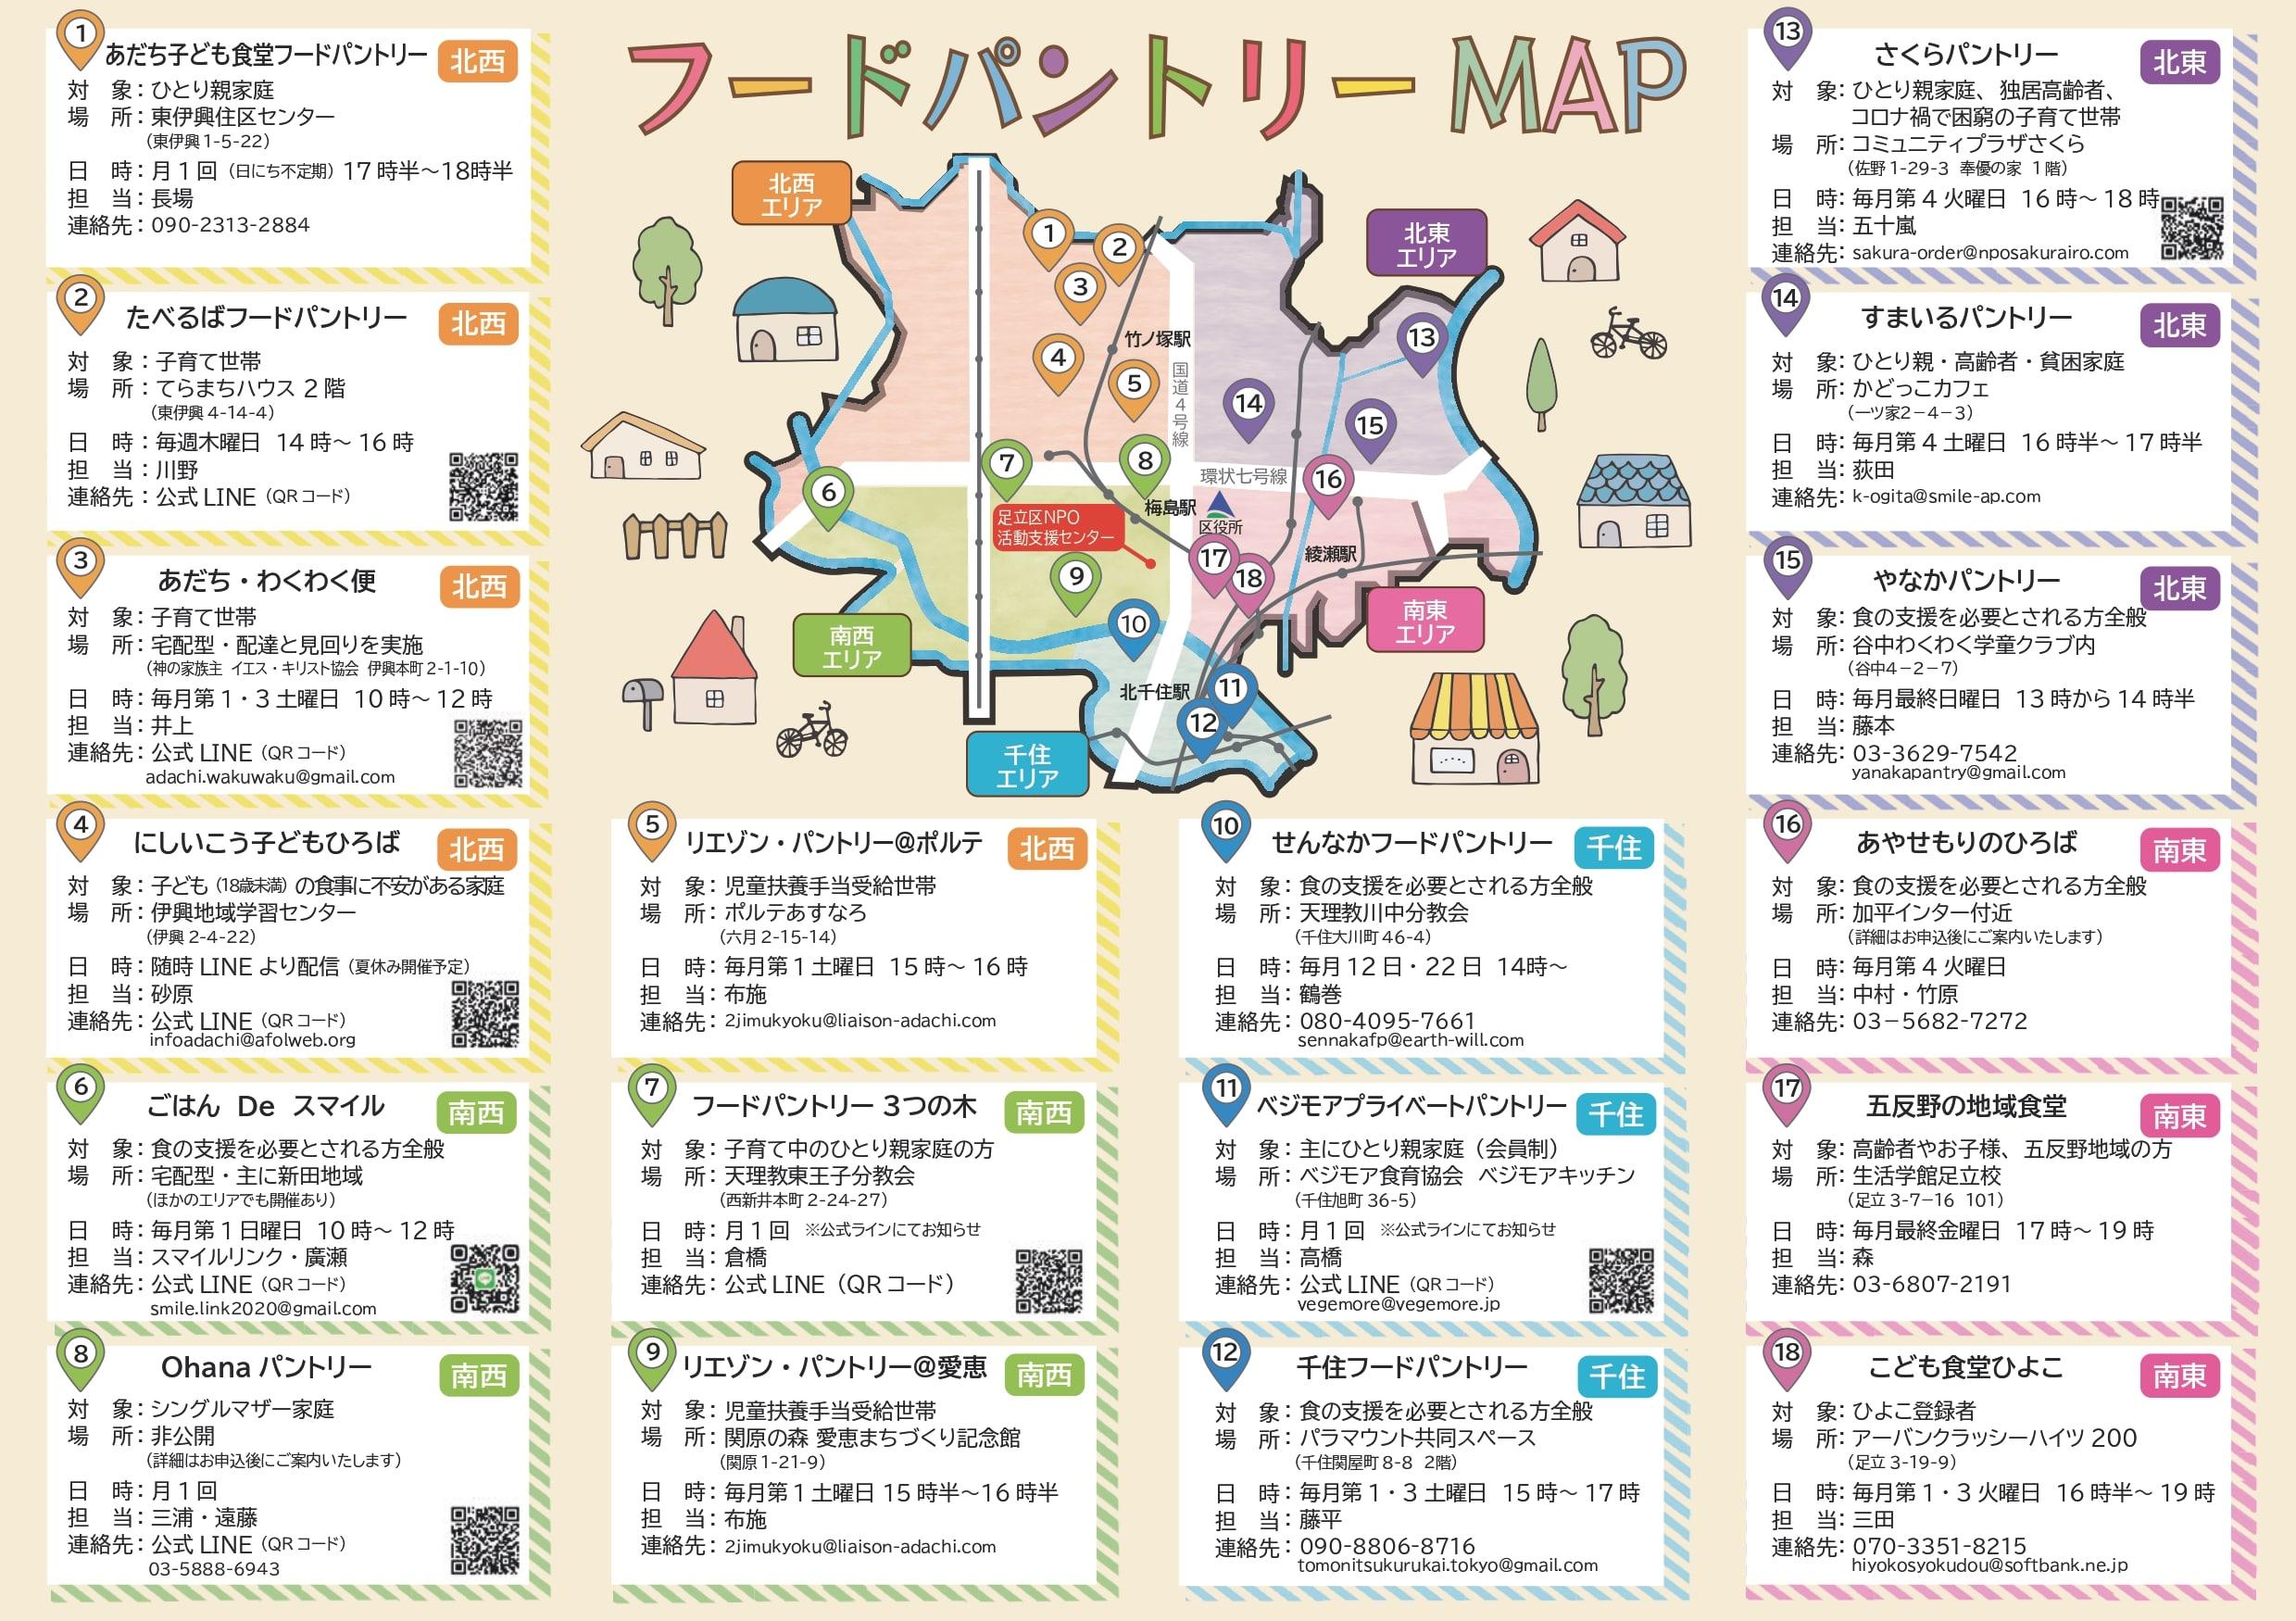 足立区フードパントリーMAP_page-0002-min.jpg